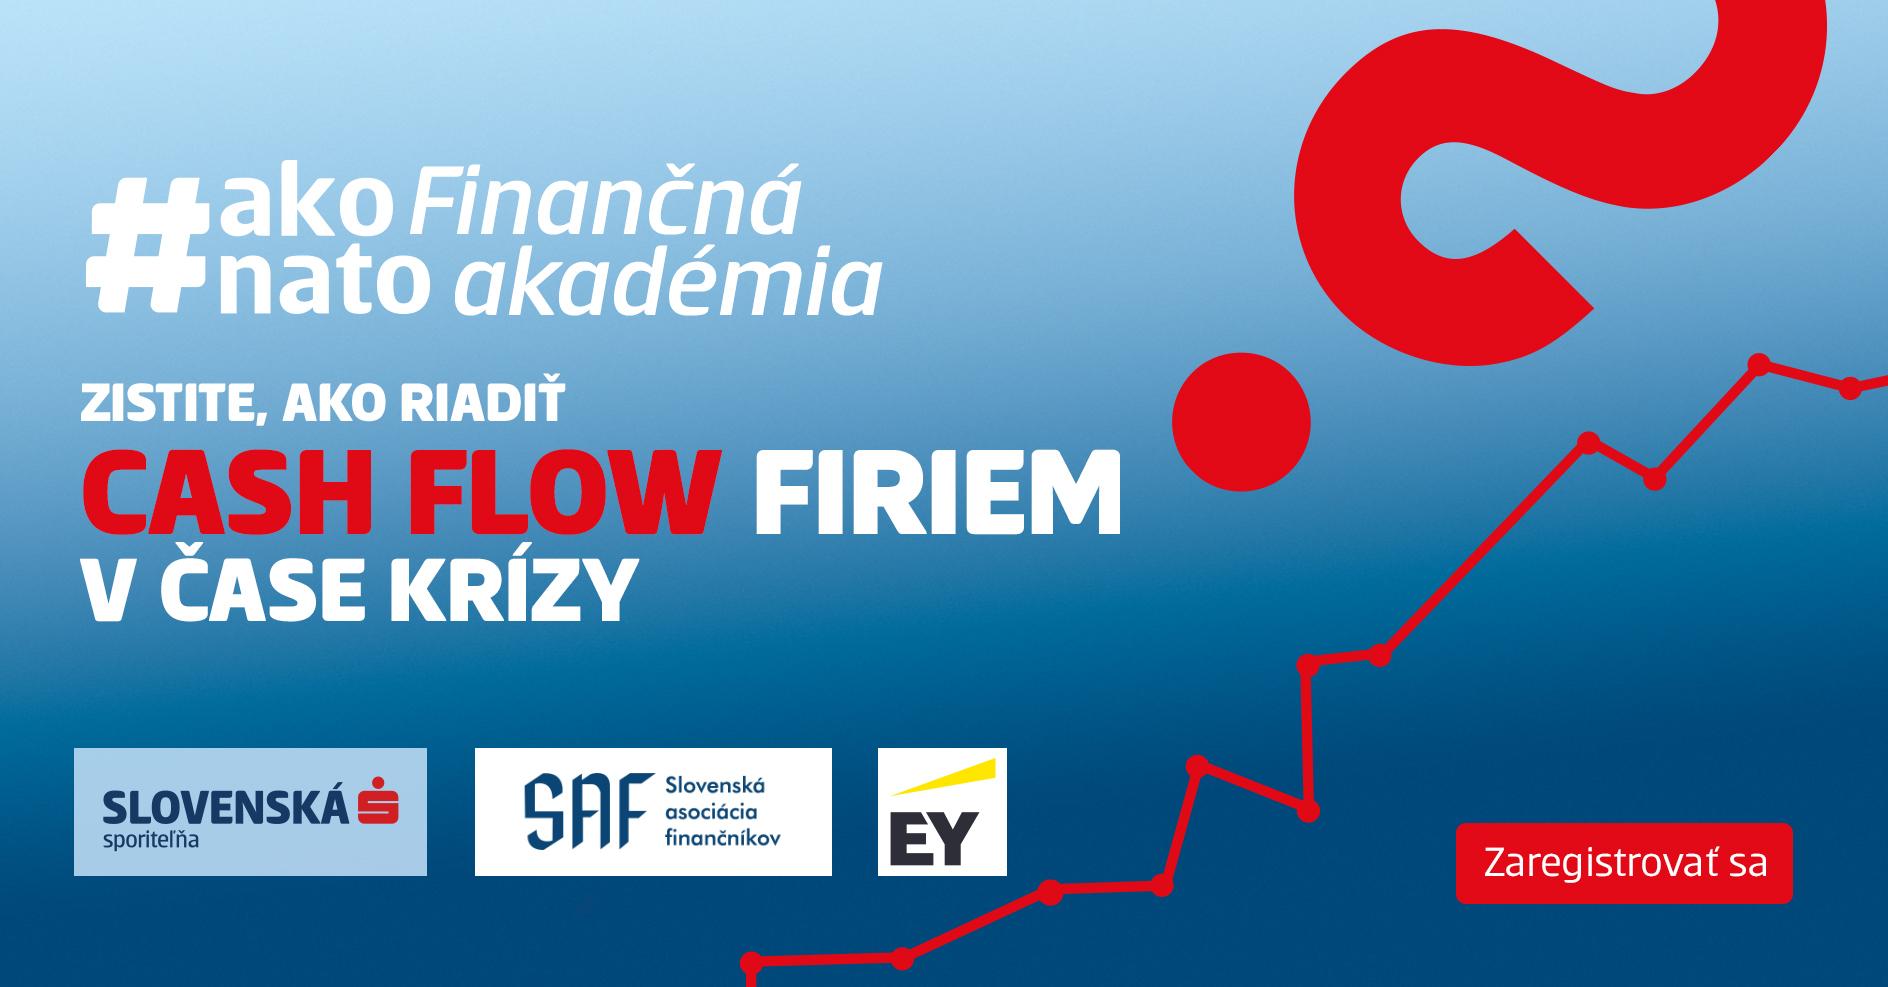 Finančná akadémia #akonato